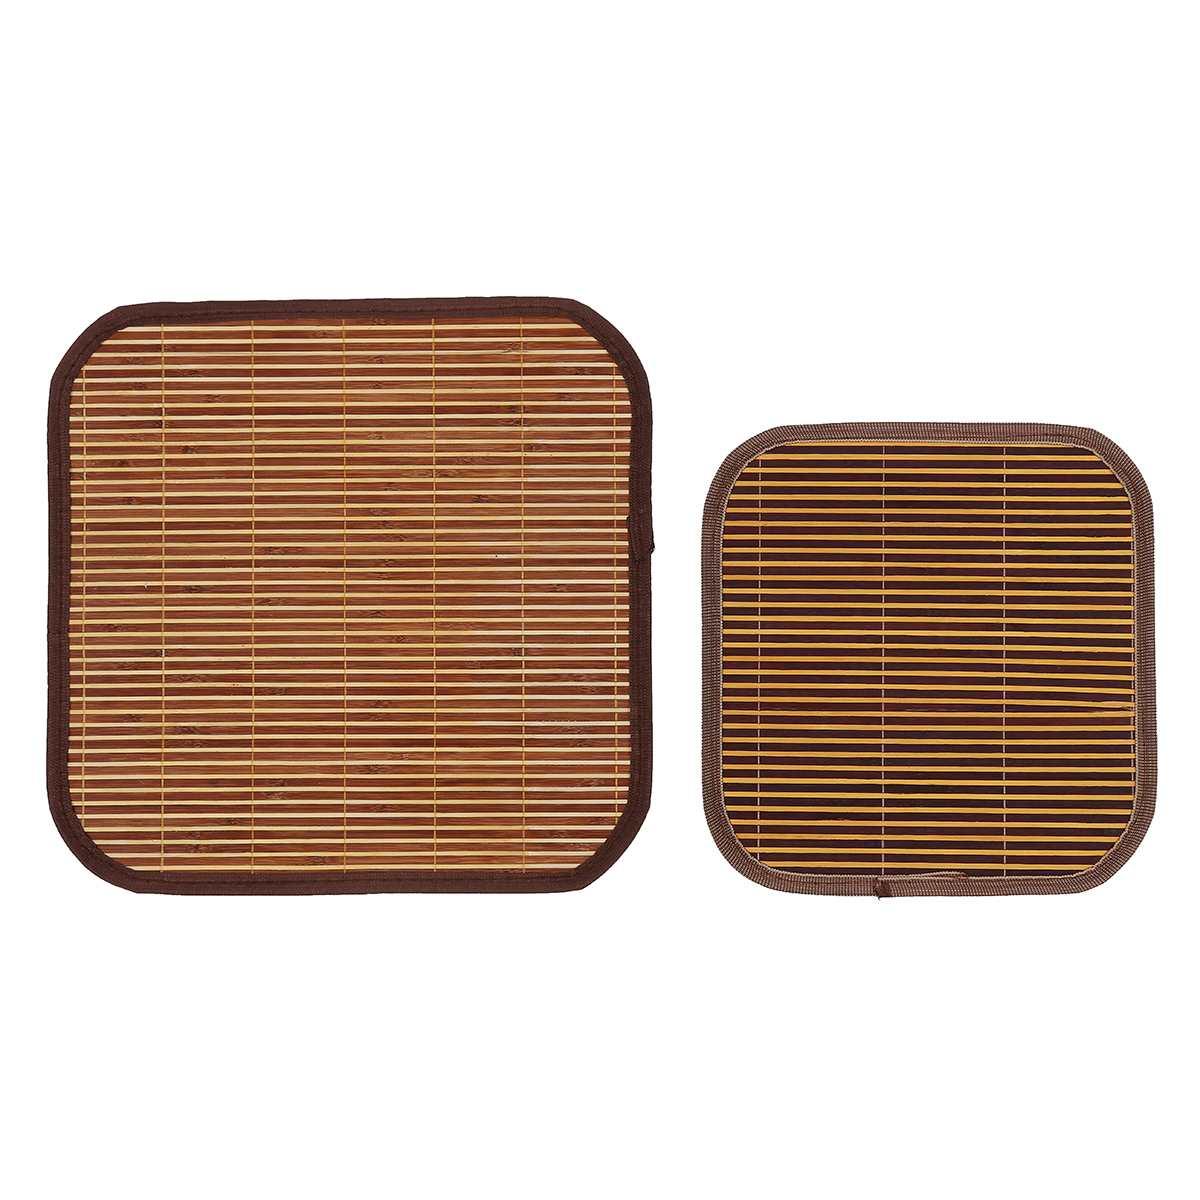 Cojines de bambú cuadrado para asiento de verano Natural, aislamiento térmico, almohadilla de refrigeración transpirable, cojín para silla, cojín para coche, hogar, oficina, silla